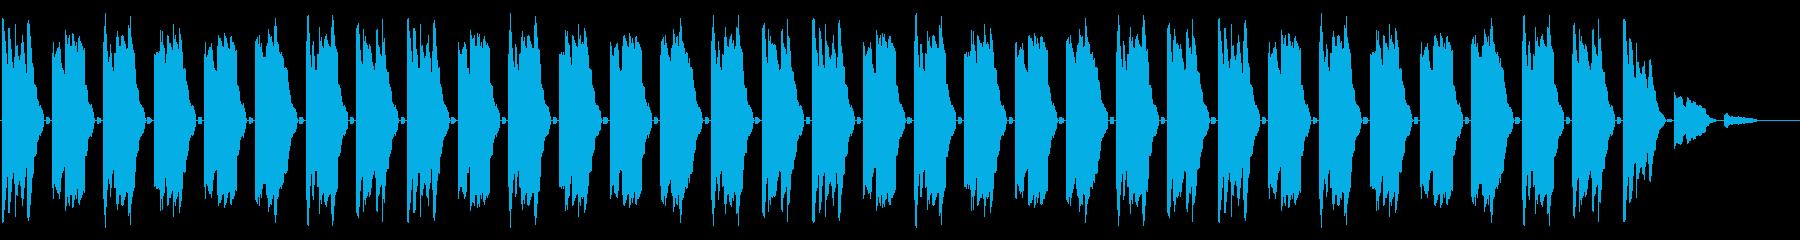 GB風RPGのイベントBGMの再生済みの波形